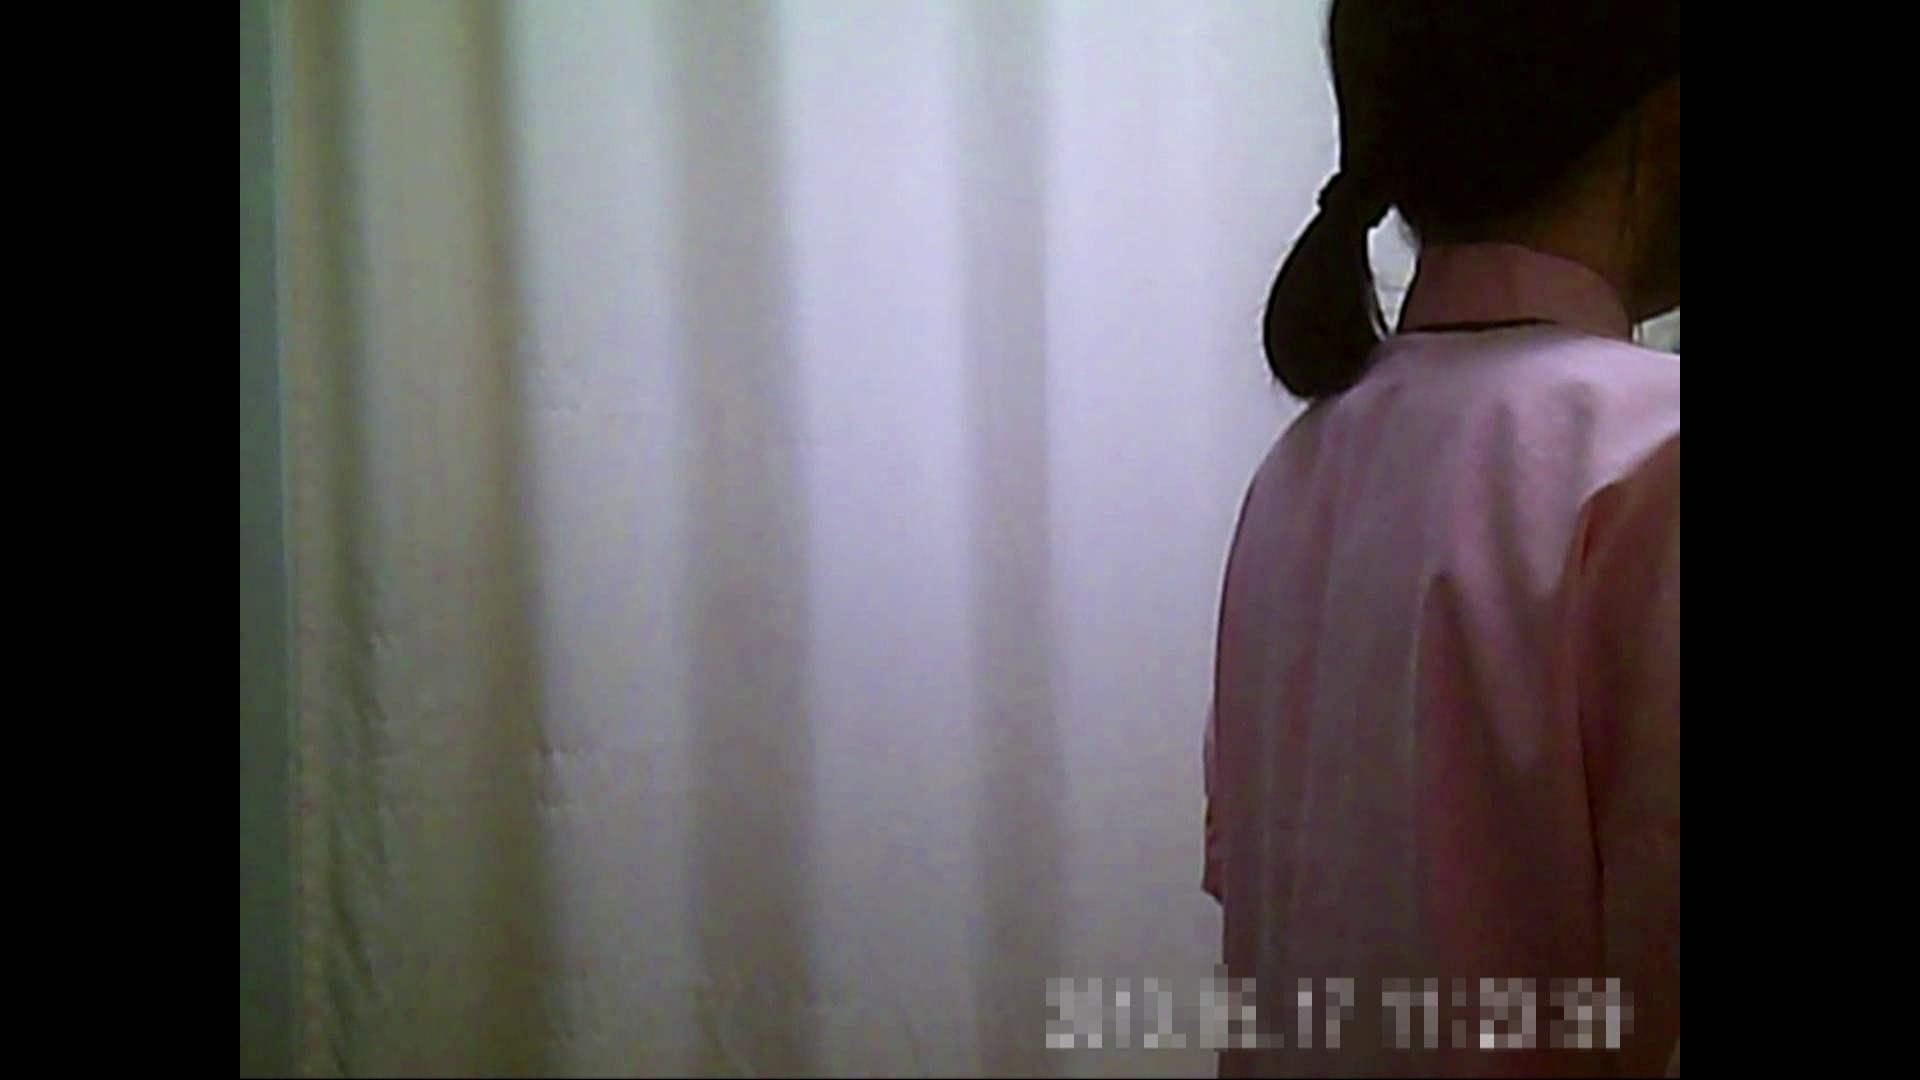 元医者による反抗 更衣室地獄絵巻 vol.048 OL  81pic 71